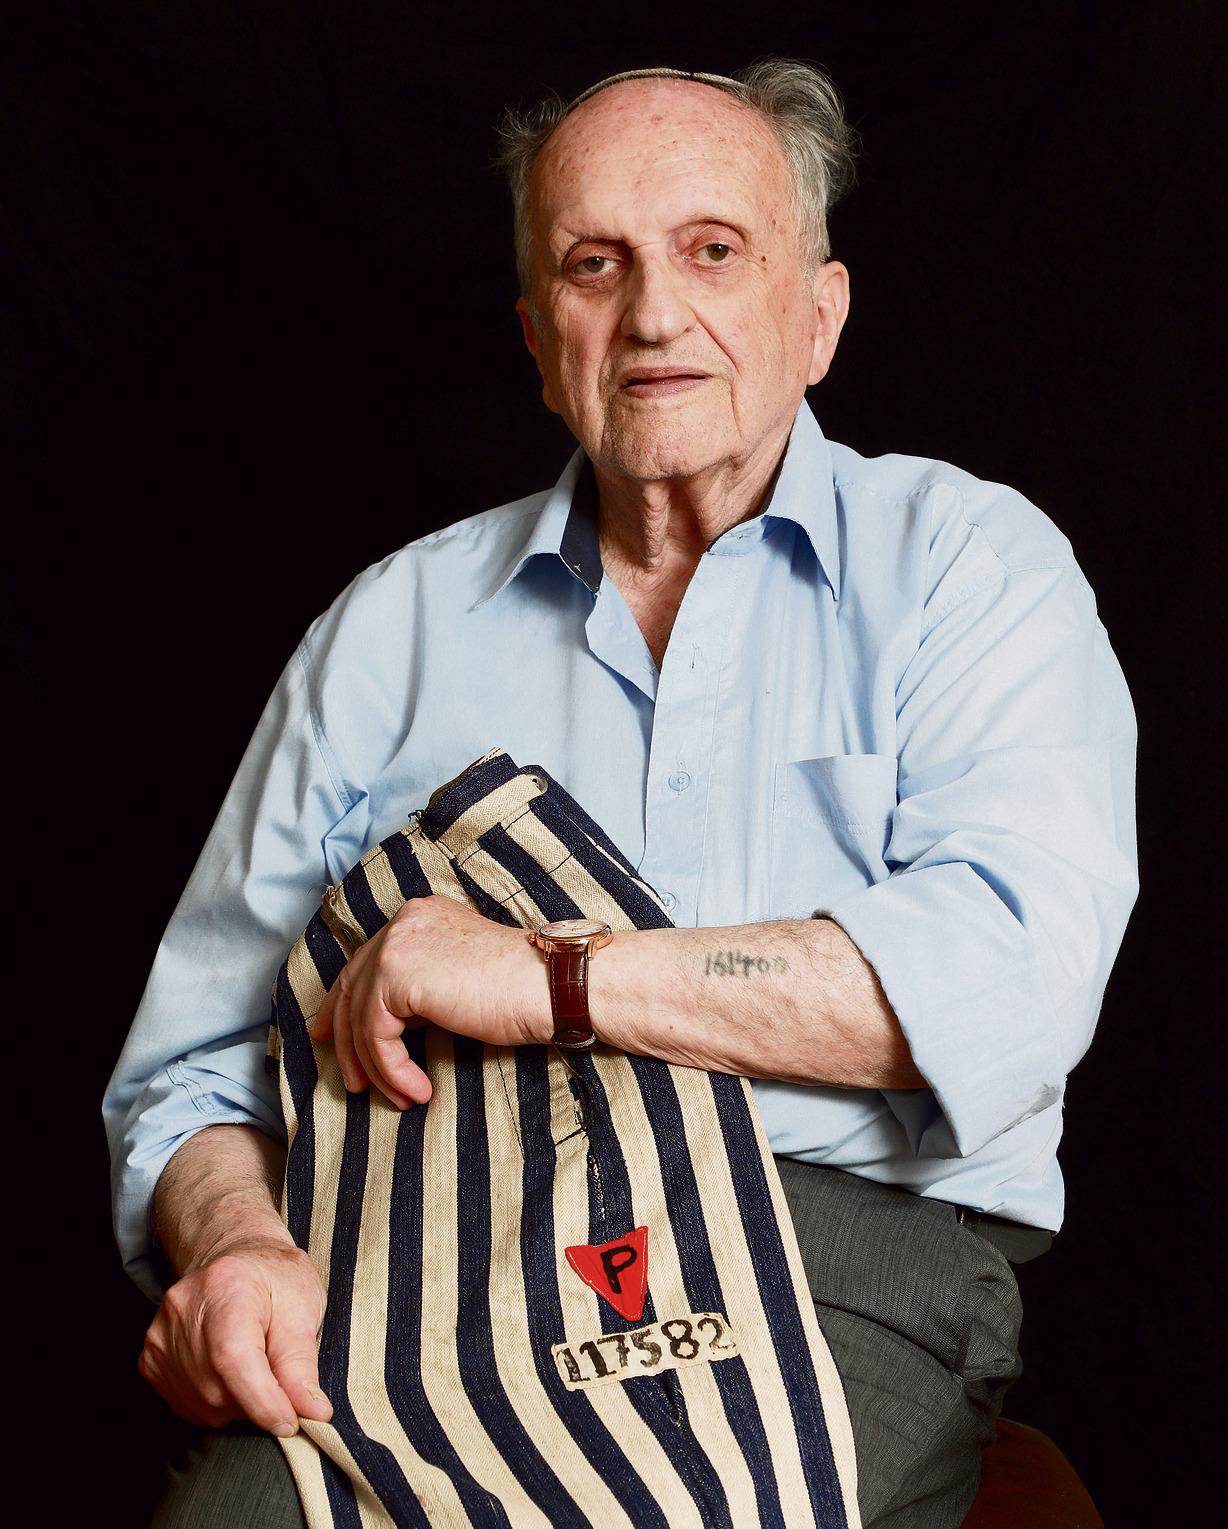 לנדאו ומכנסי האסיר שלו מבוכנוולד: המספר שאותו קיבל בבוכנוולד שונה מהמספר שקועקע על זרועו באושוויץ | צילום: דנה קופל